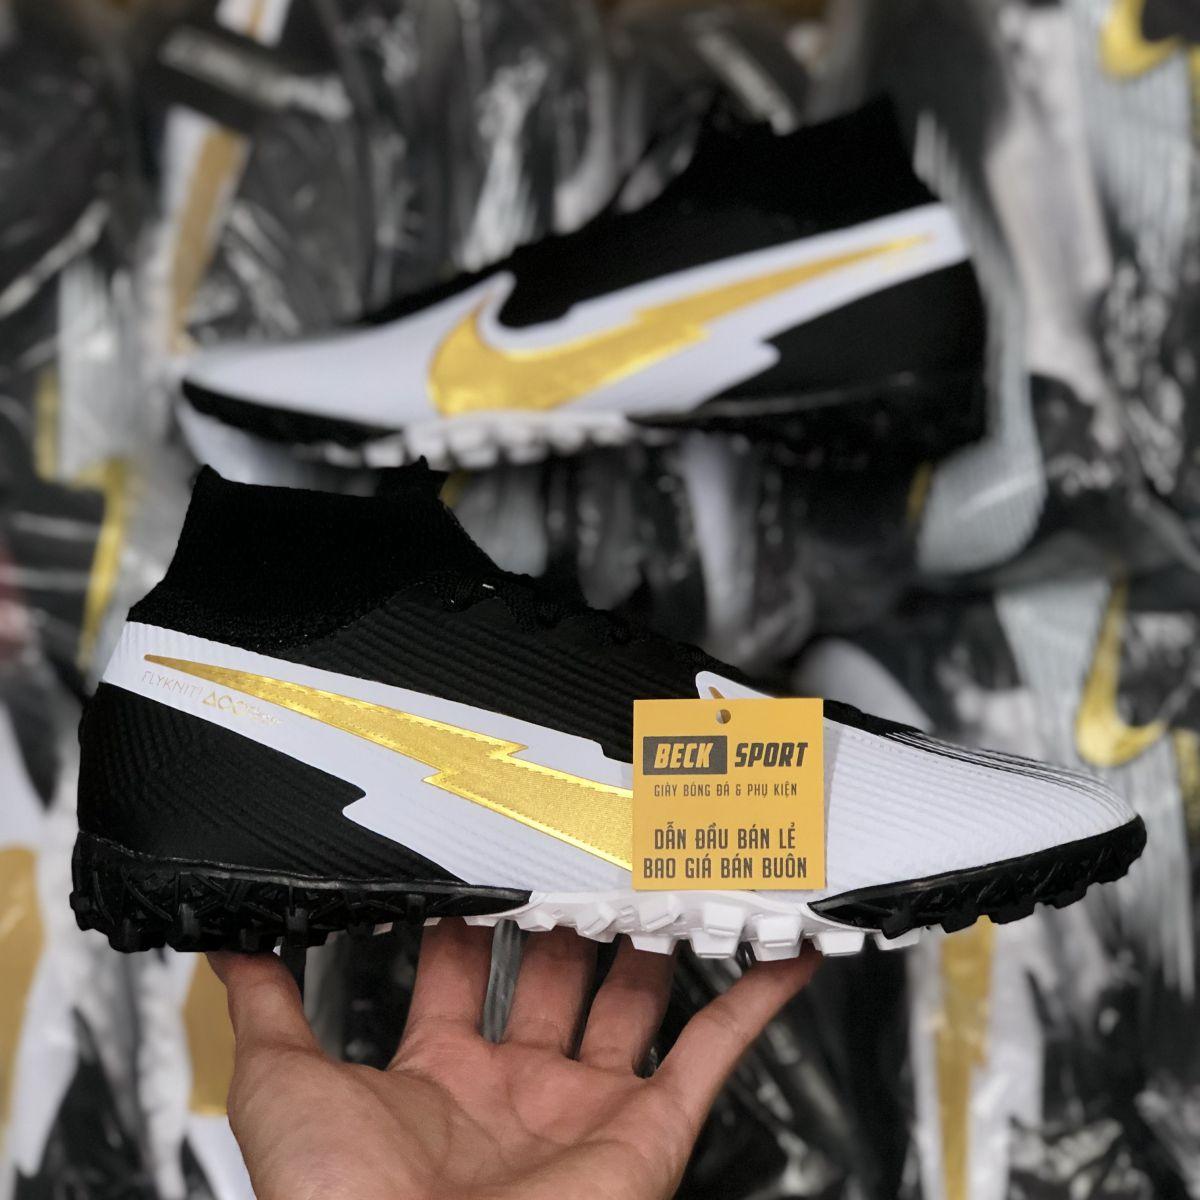 Giày Bóng Đá Nike Mercurial Superfly 7 Elite Đen Trắng Vạch Vàng Cổ Cao TF